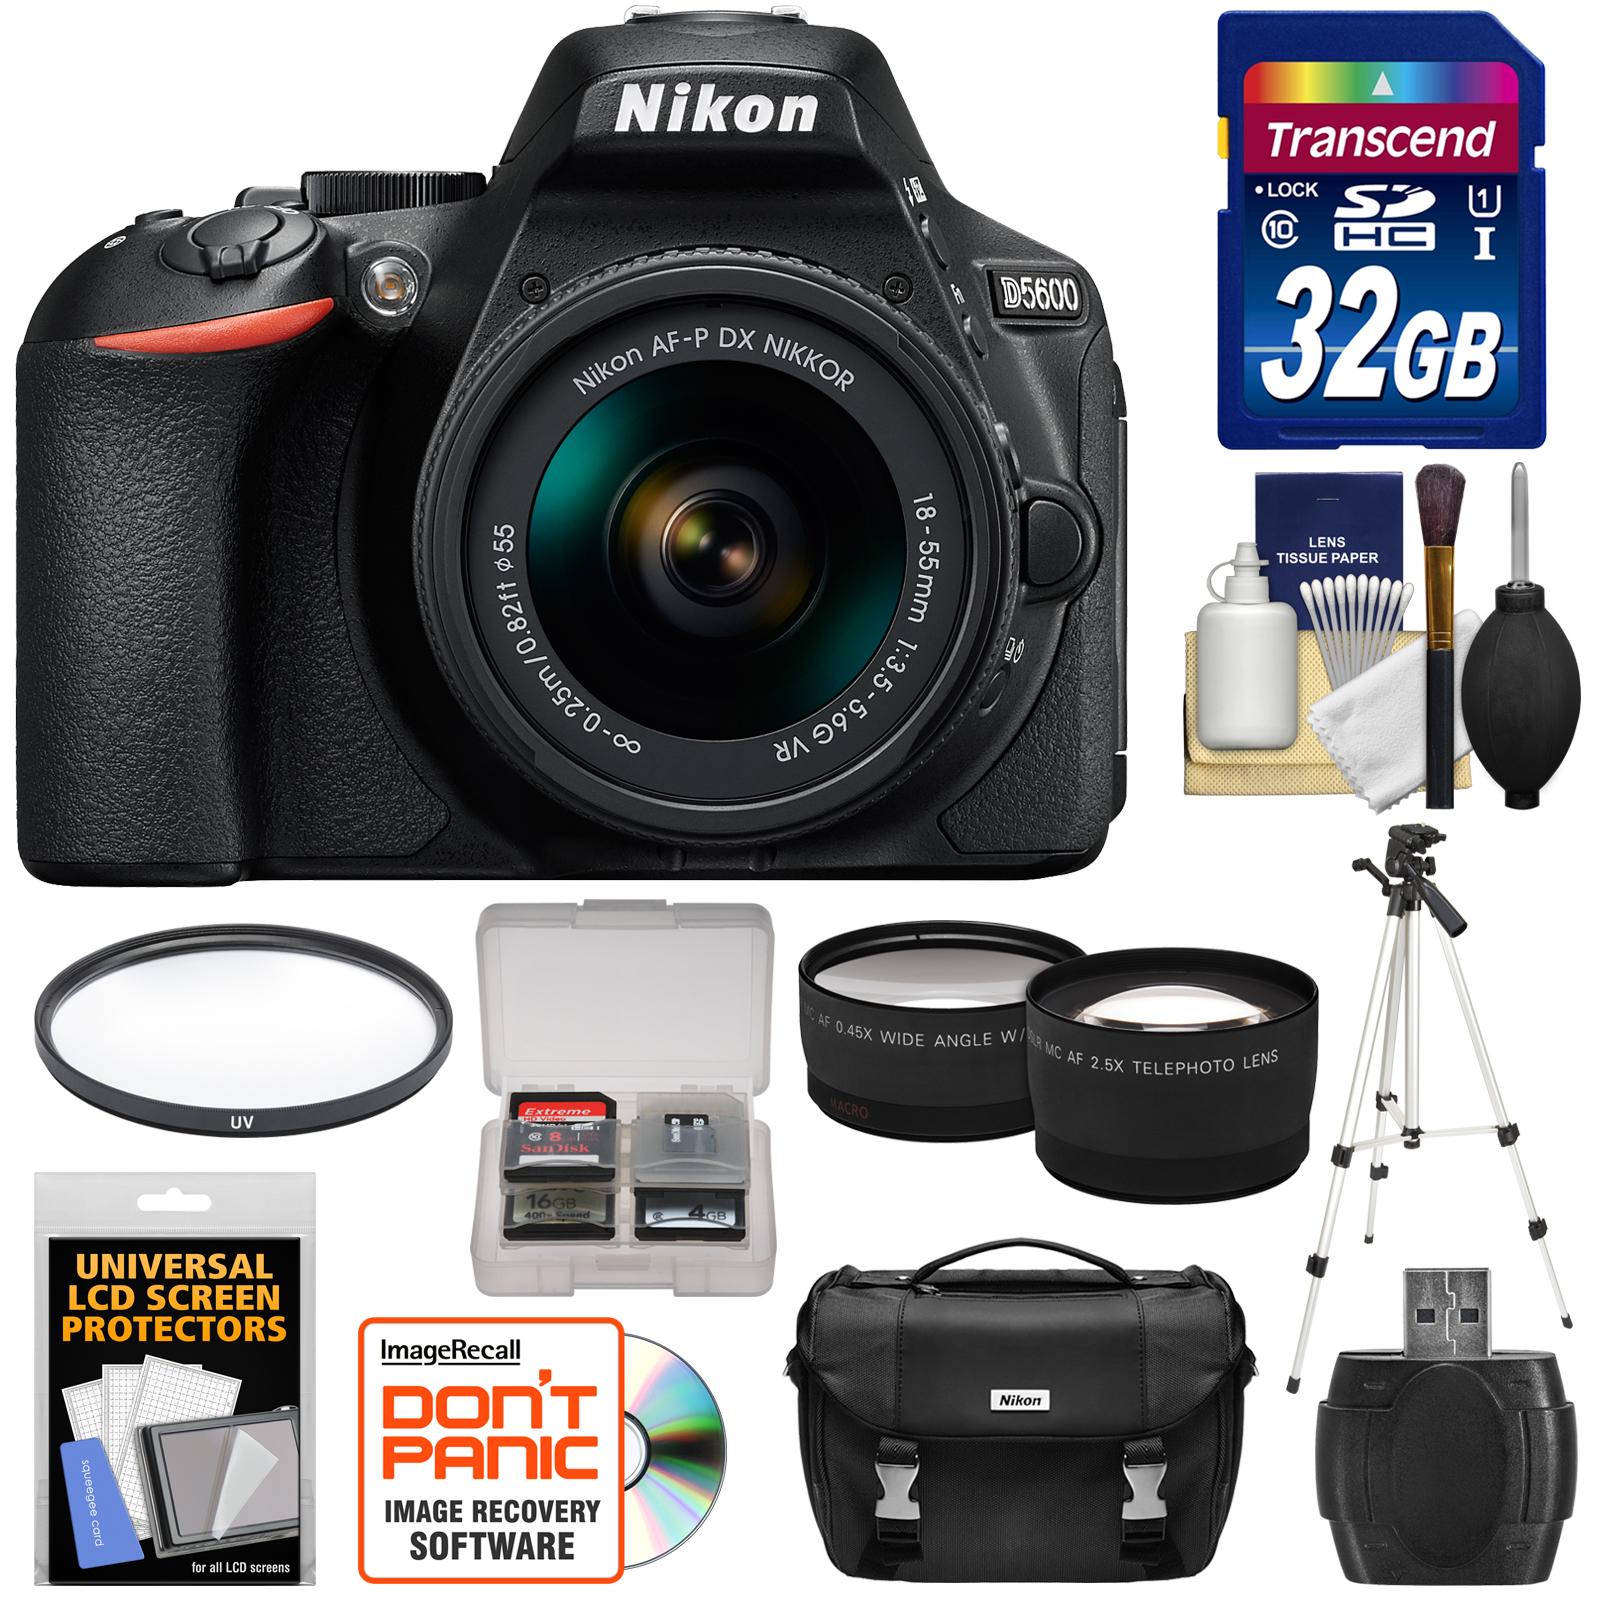 Nikon D5600 Digital SLR Camera & 18-55mm VR DX AF-P Lens - Refurbished with 32GB Card + Case + Filter + Tripod + Reader + Telephoto & Wide-Angle Lenses + Kit